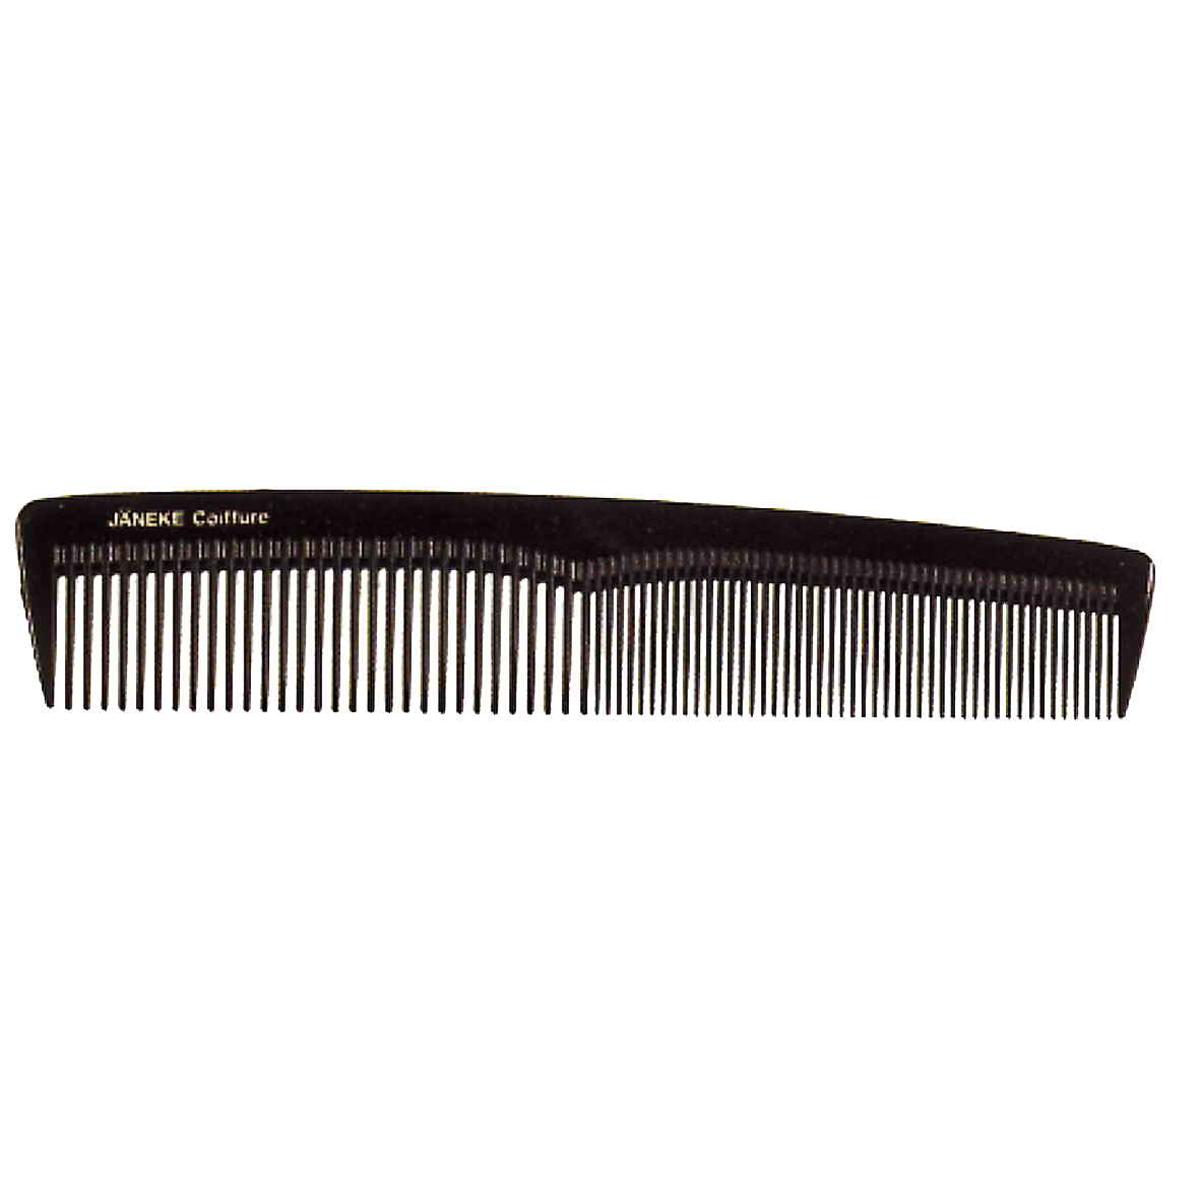 Janeke Расческа для волос. 57803Satin Hair 7 BR730MNМарка Janeke – мировой лидер по производству расчесок, щеток, маникюрных принадлежностей, зеркал и косметичек. Марка Janeke, основанная в 1830 году, вот уже почти 180 лет поддерживает непревзойденное качество своей продукции, сочетая новейшие технологии с традициями ста- рых миланских мастеров. Все изделия на 80% производятся вручную, а инновационные технологии и современные материалы делают продукцию марки поистине уникальной. Стильный и эргономичный дизайн, яркие цветовые решения – все это приносит истинное удовольствие от использования аксессуаров Janeke. Аксессуары для ухода за волосами из Профессиональной линии Janeke используются в салонах красоты по всему миру. Расчески и щетки Профессиональной линии изготовлены из современных высококачественных материалов, а благодаря эргономичному дизайну аксессуары Janeke были высоко оценены ведущими мировыми специалистами по уходу за волосами. Теперь аксессуа-ры этой линии доступны и для использования дома.